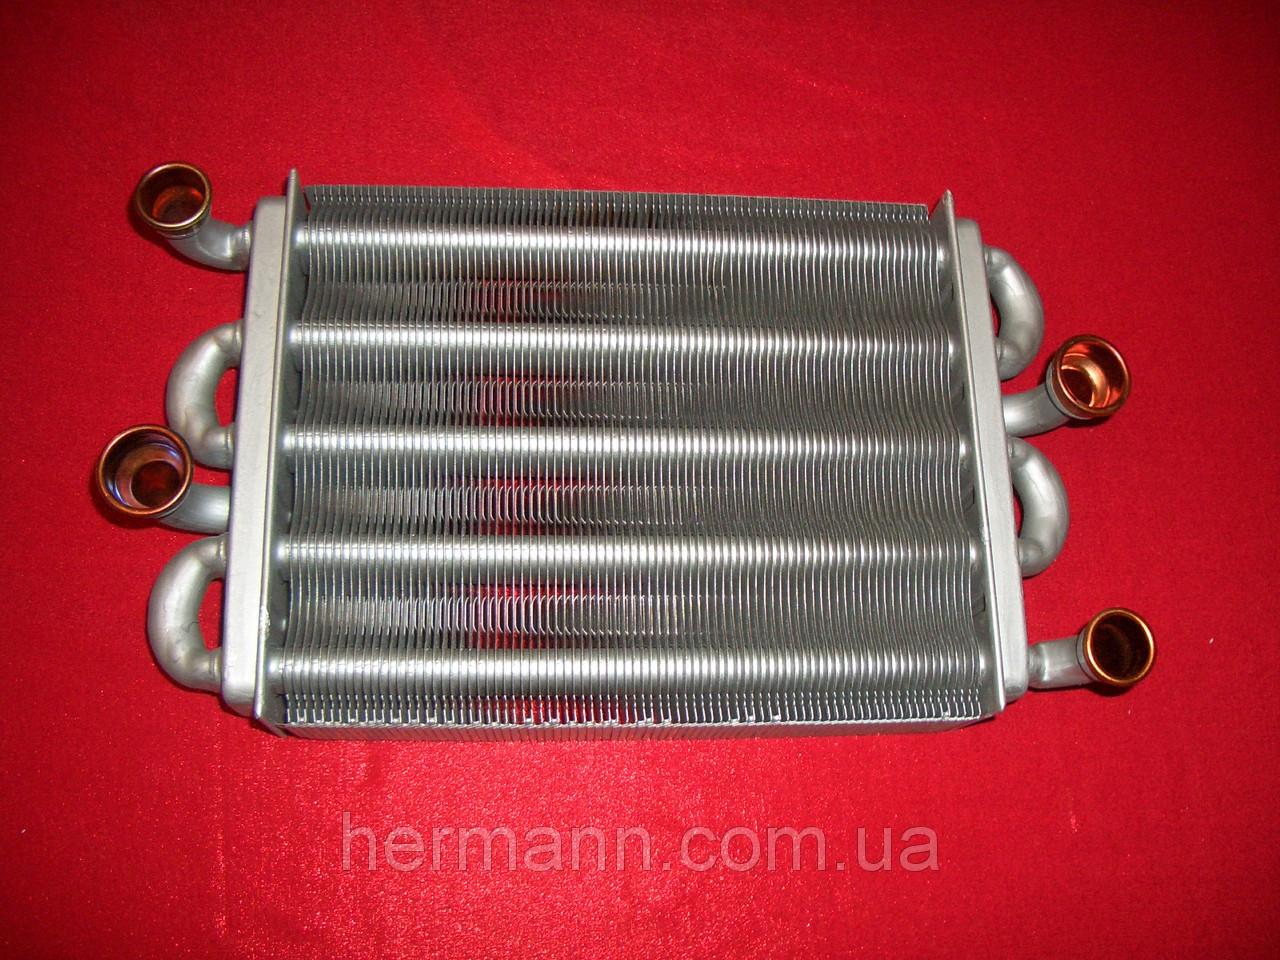 Купить теплообменник для газового котла демрад 24 Пластины теплообменника Анвитэк A8M Артём